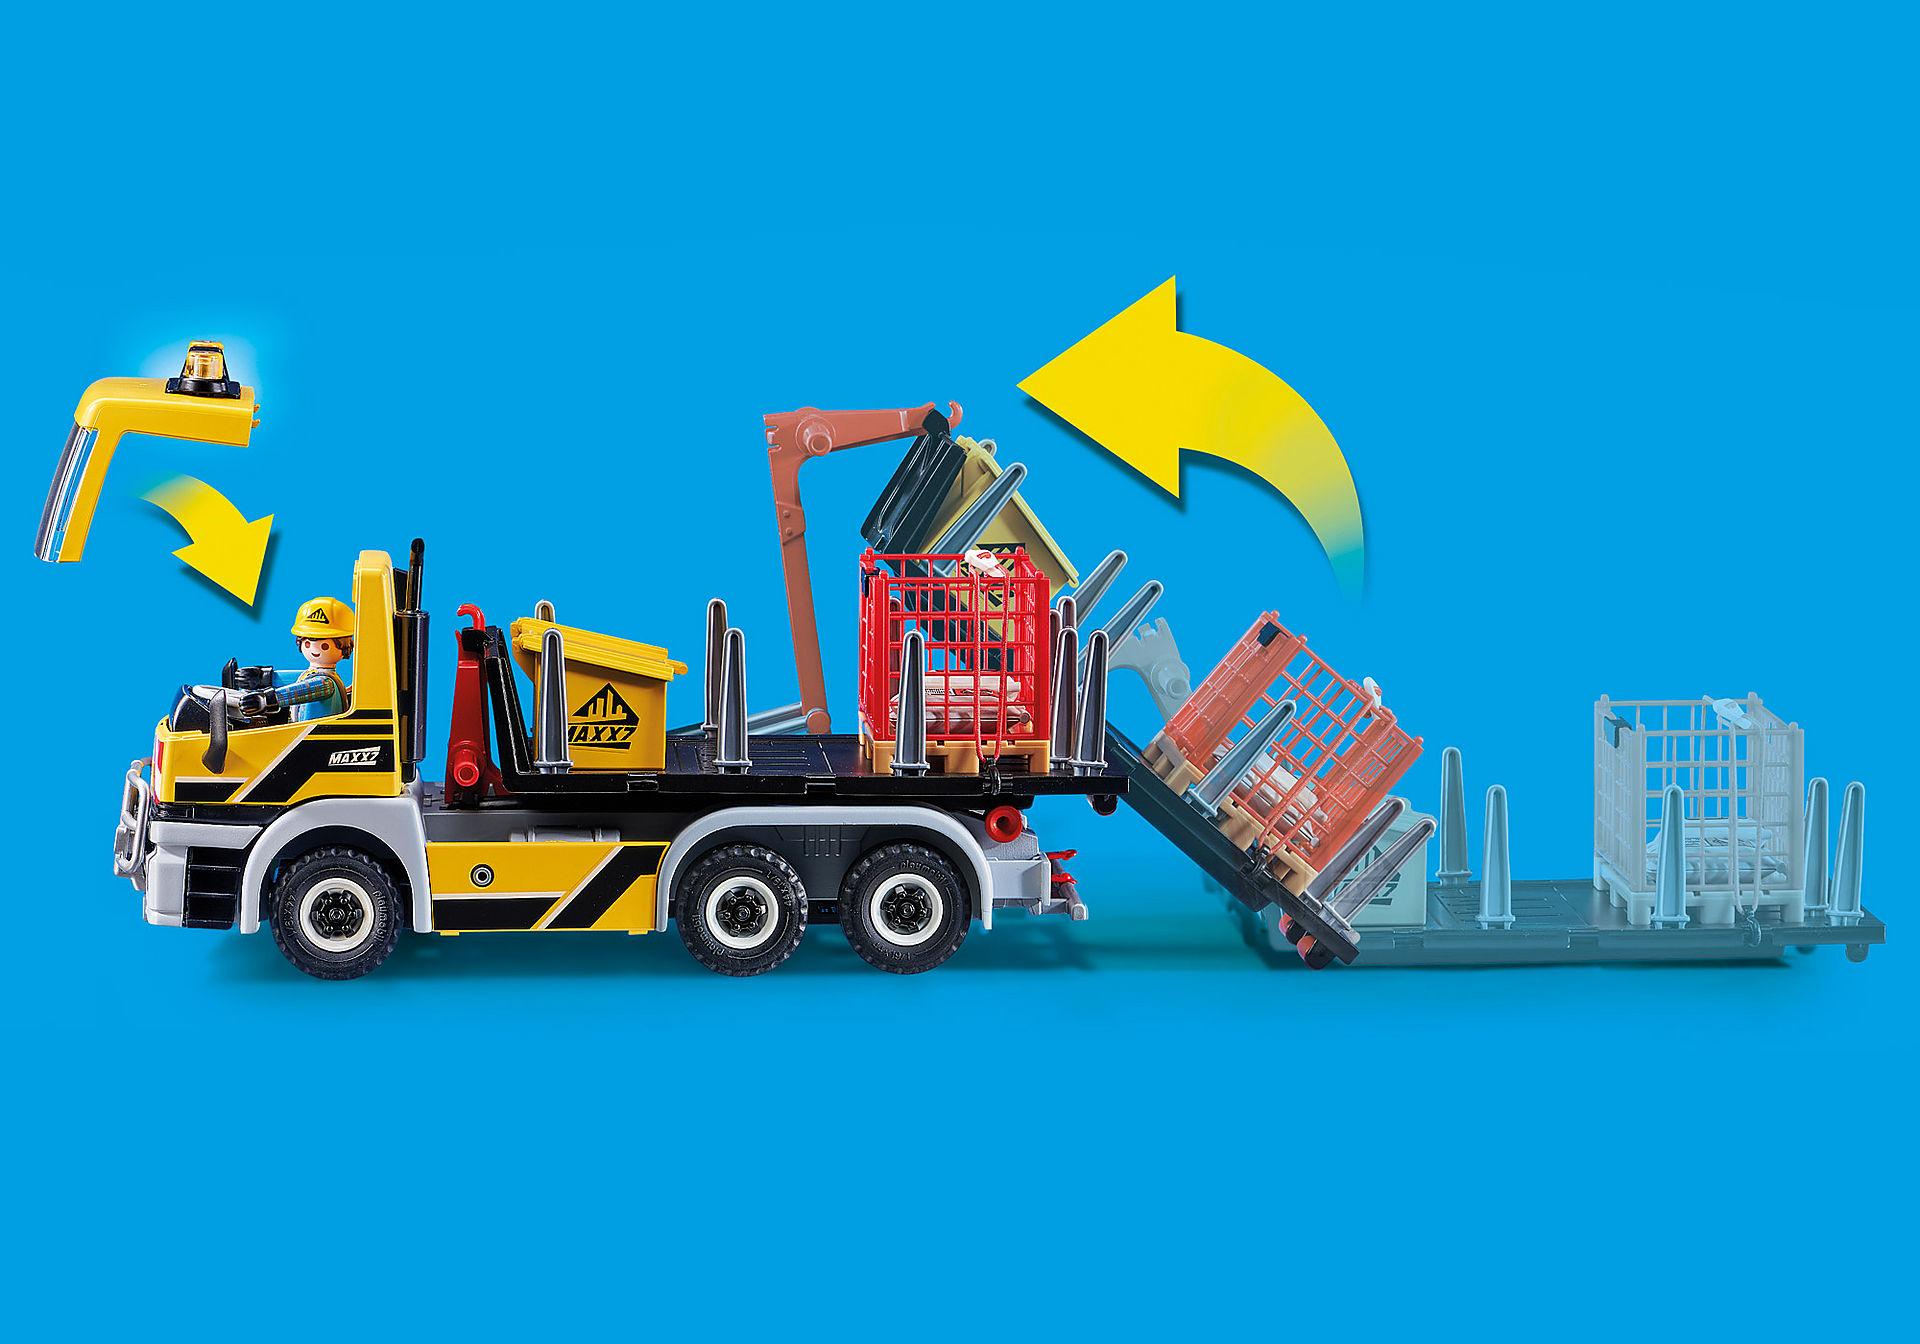 70444 Vrachtwagen met wissellaadbak zoom image7